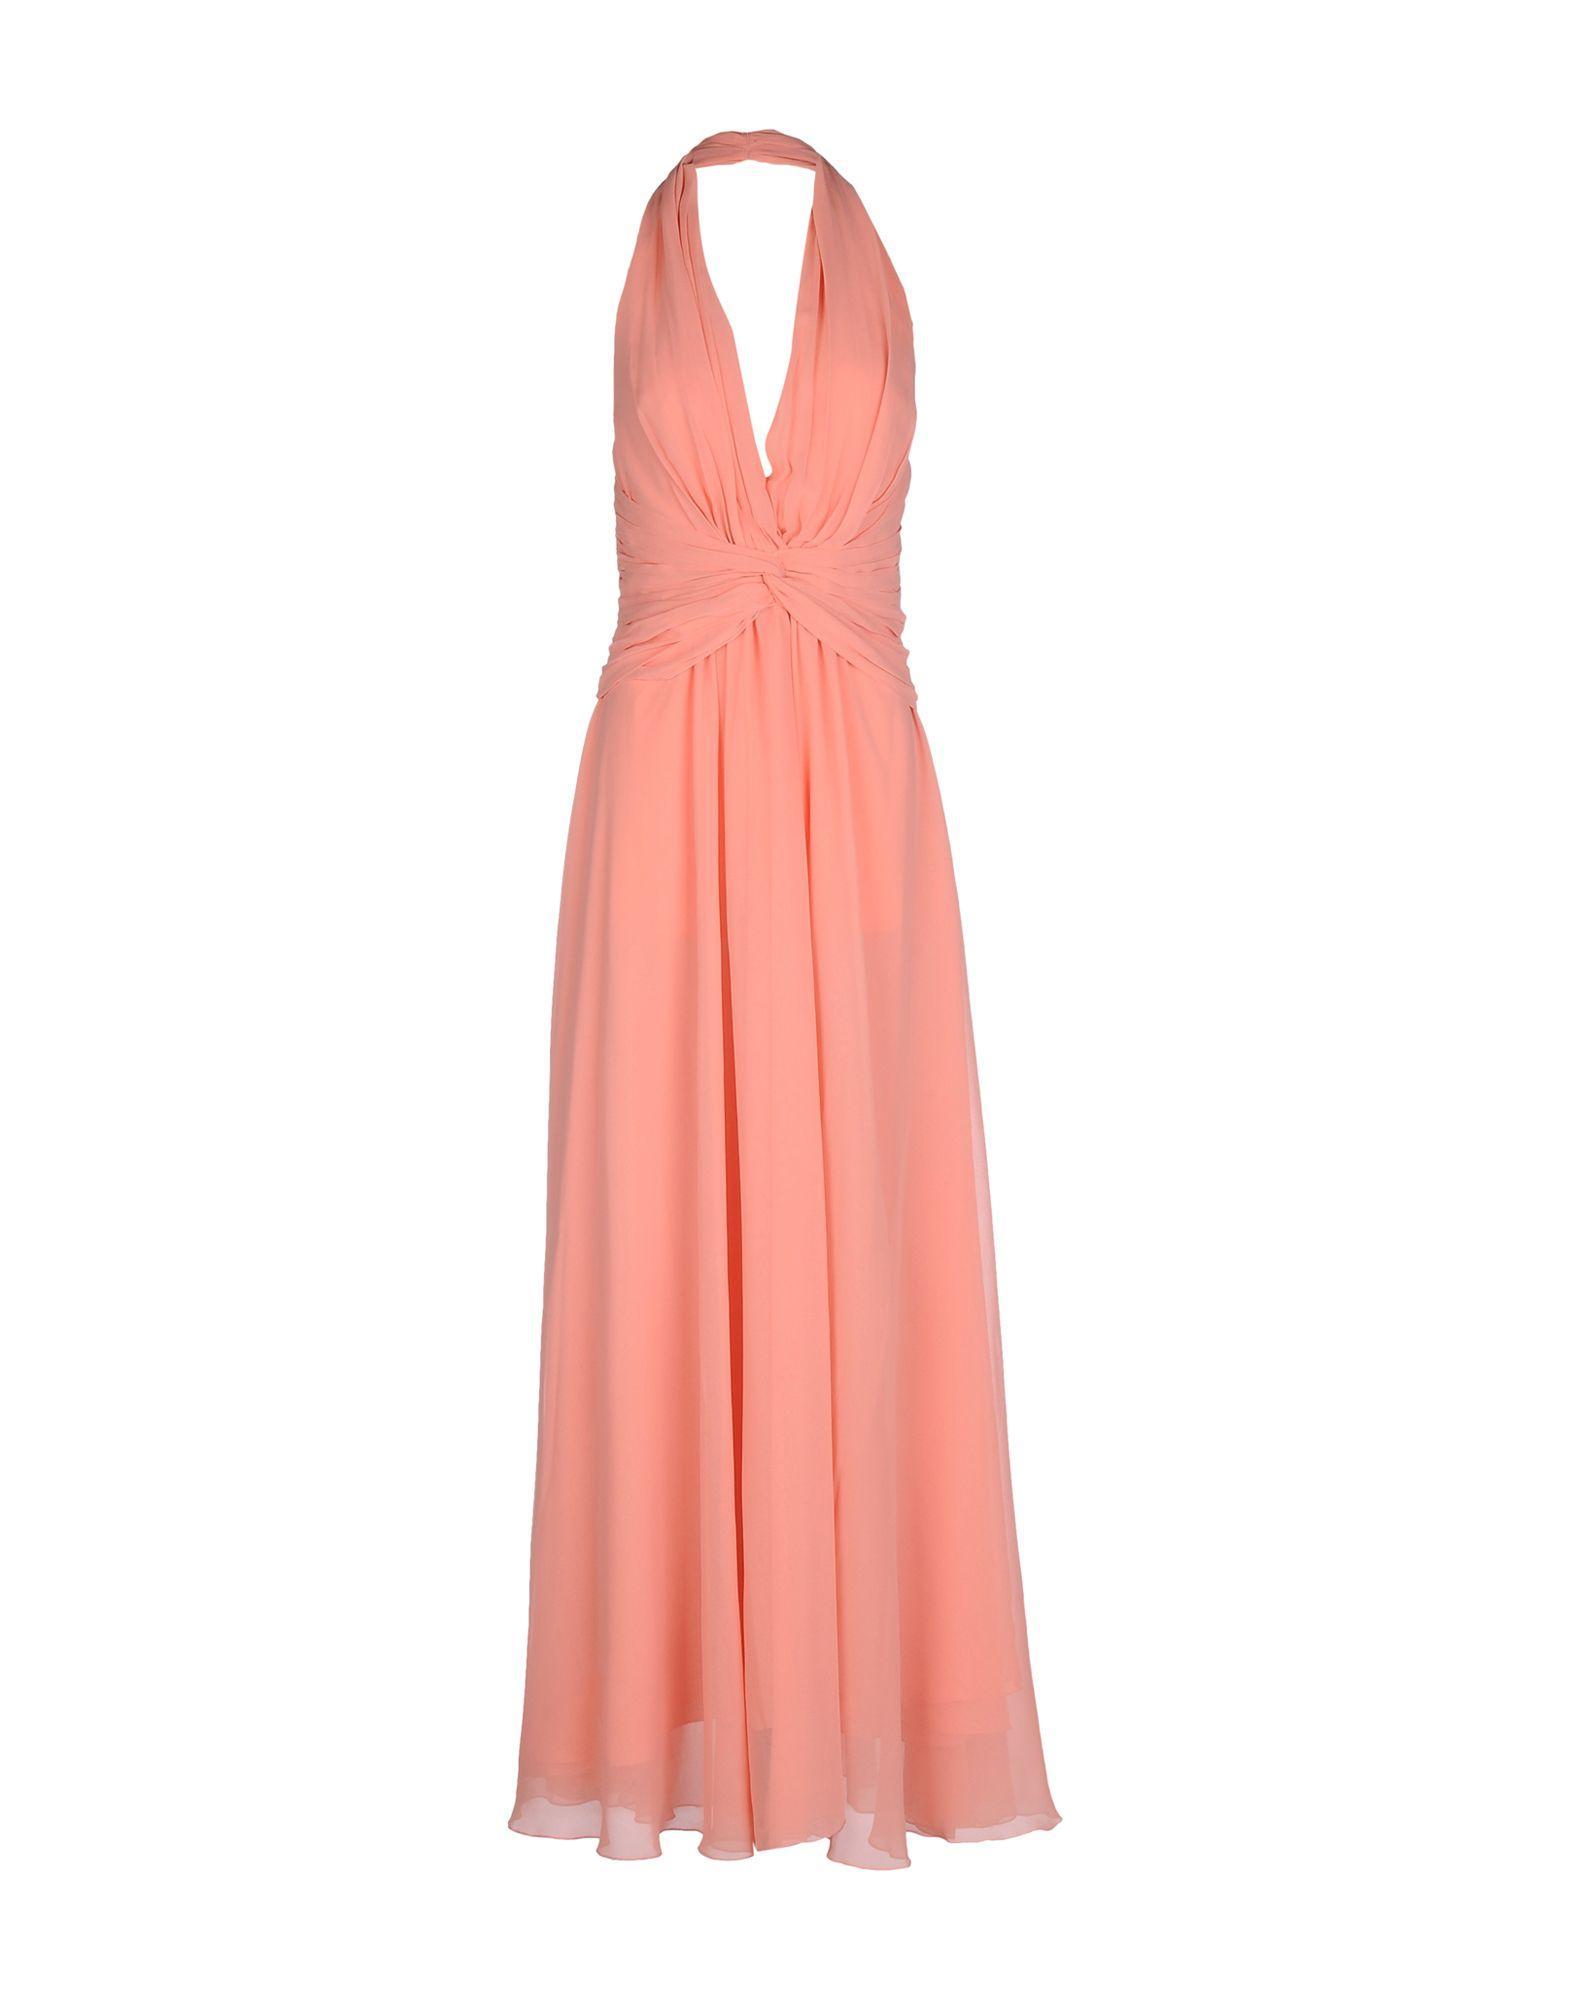 Длинное платье  Розовый цвета